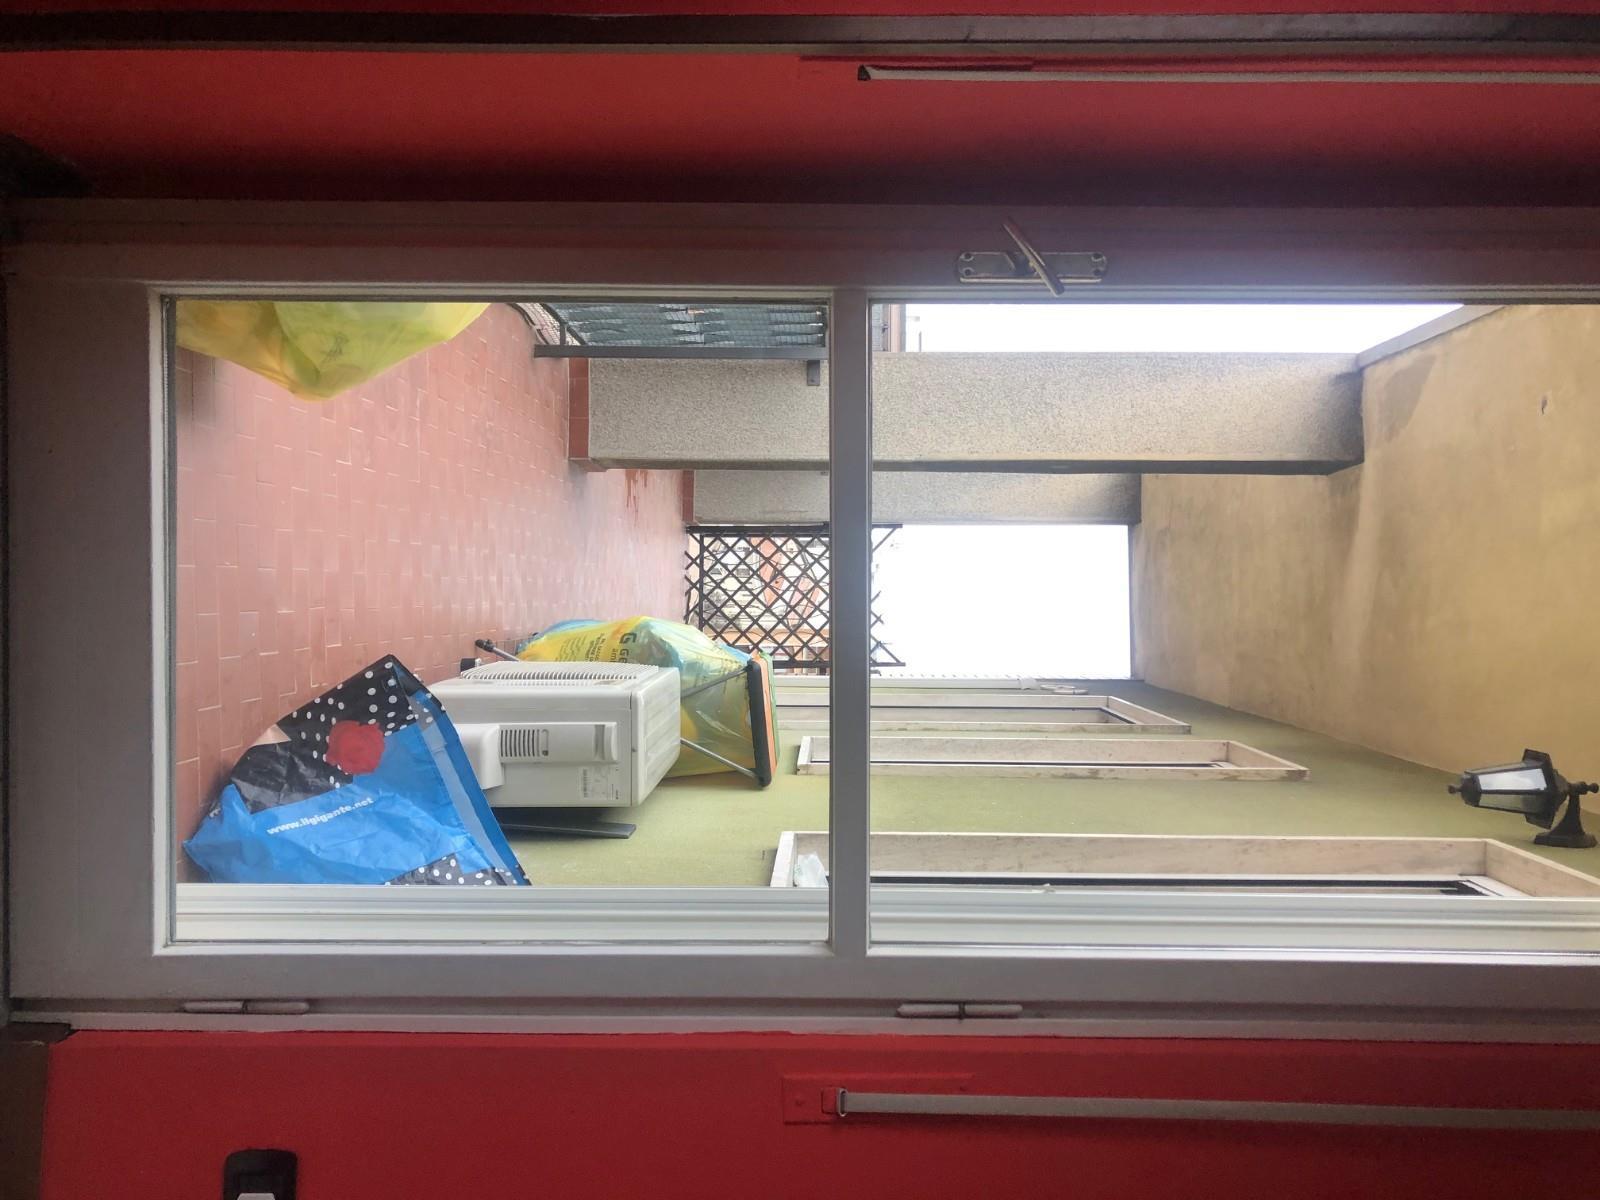 Foto 2 - Appartamento in Vendita - Lissone (Monza e Brianza)